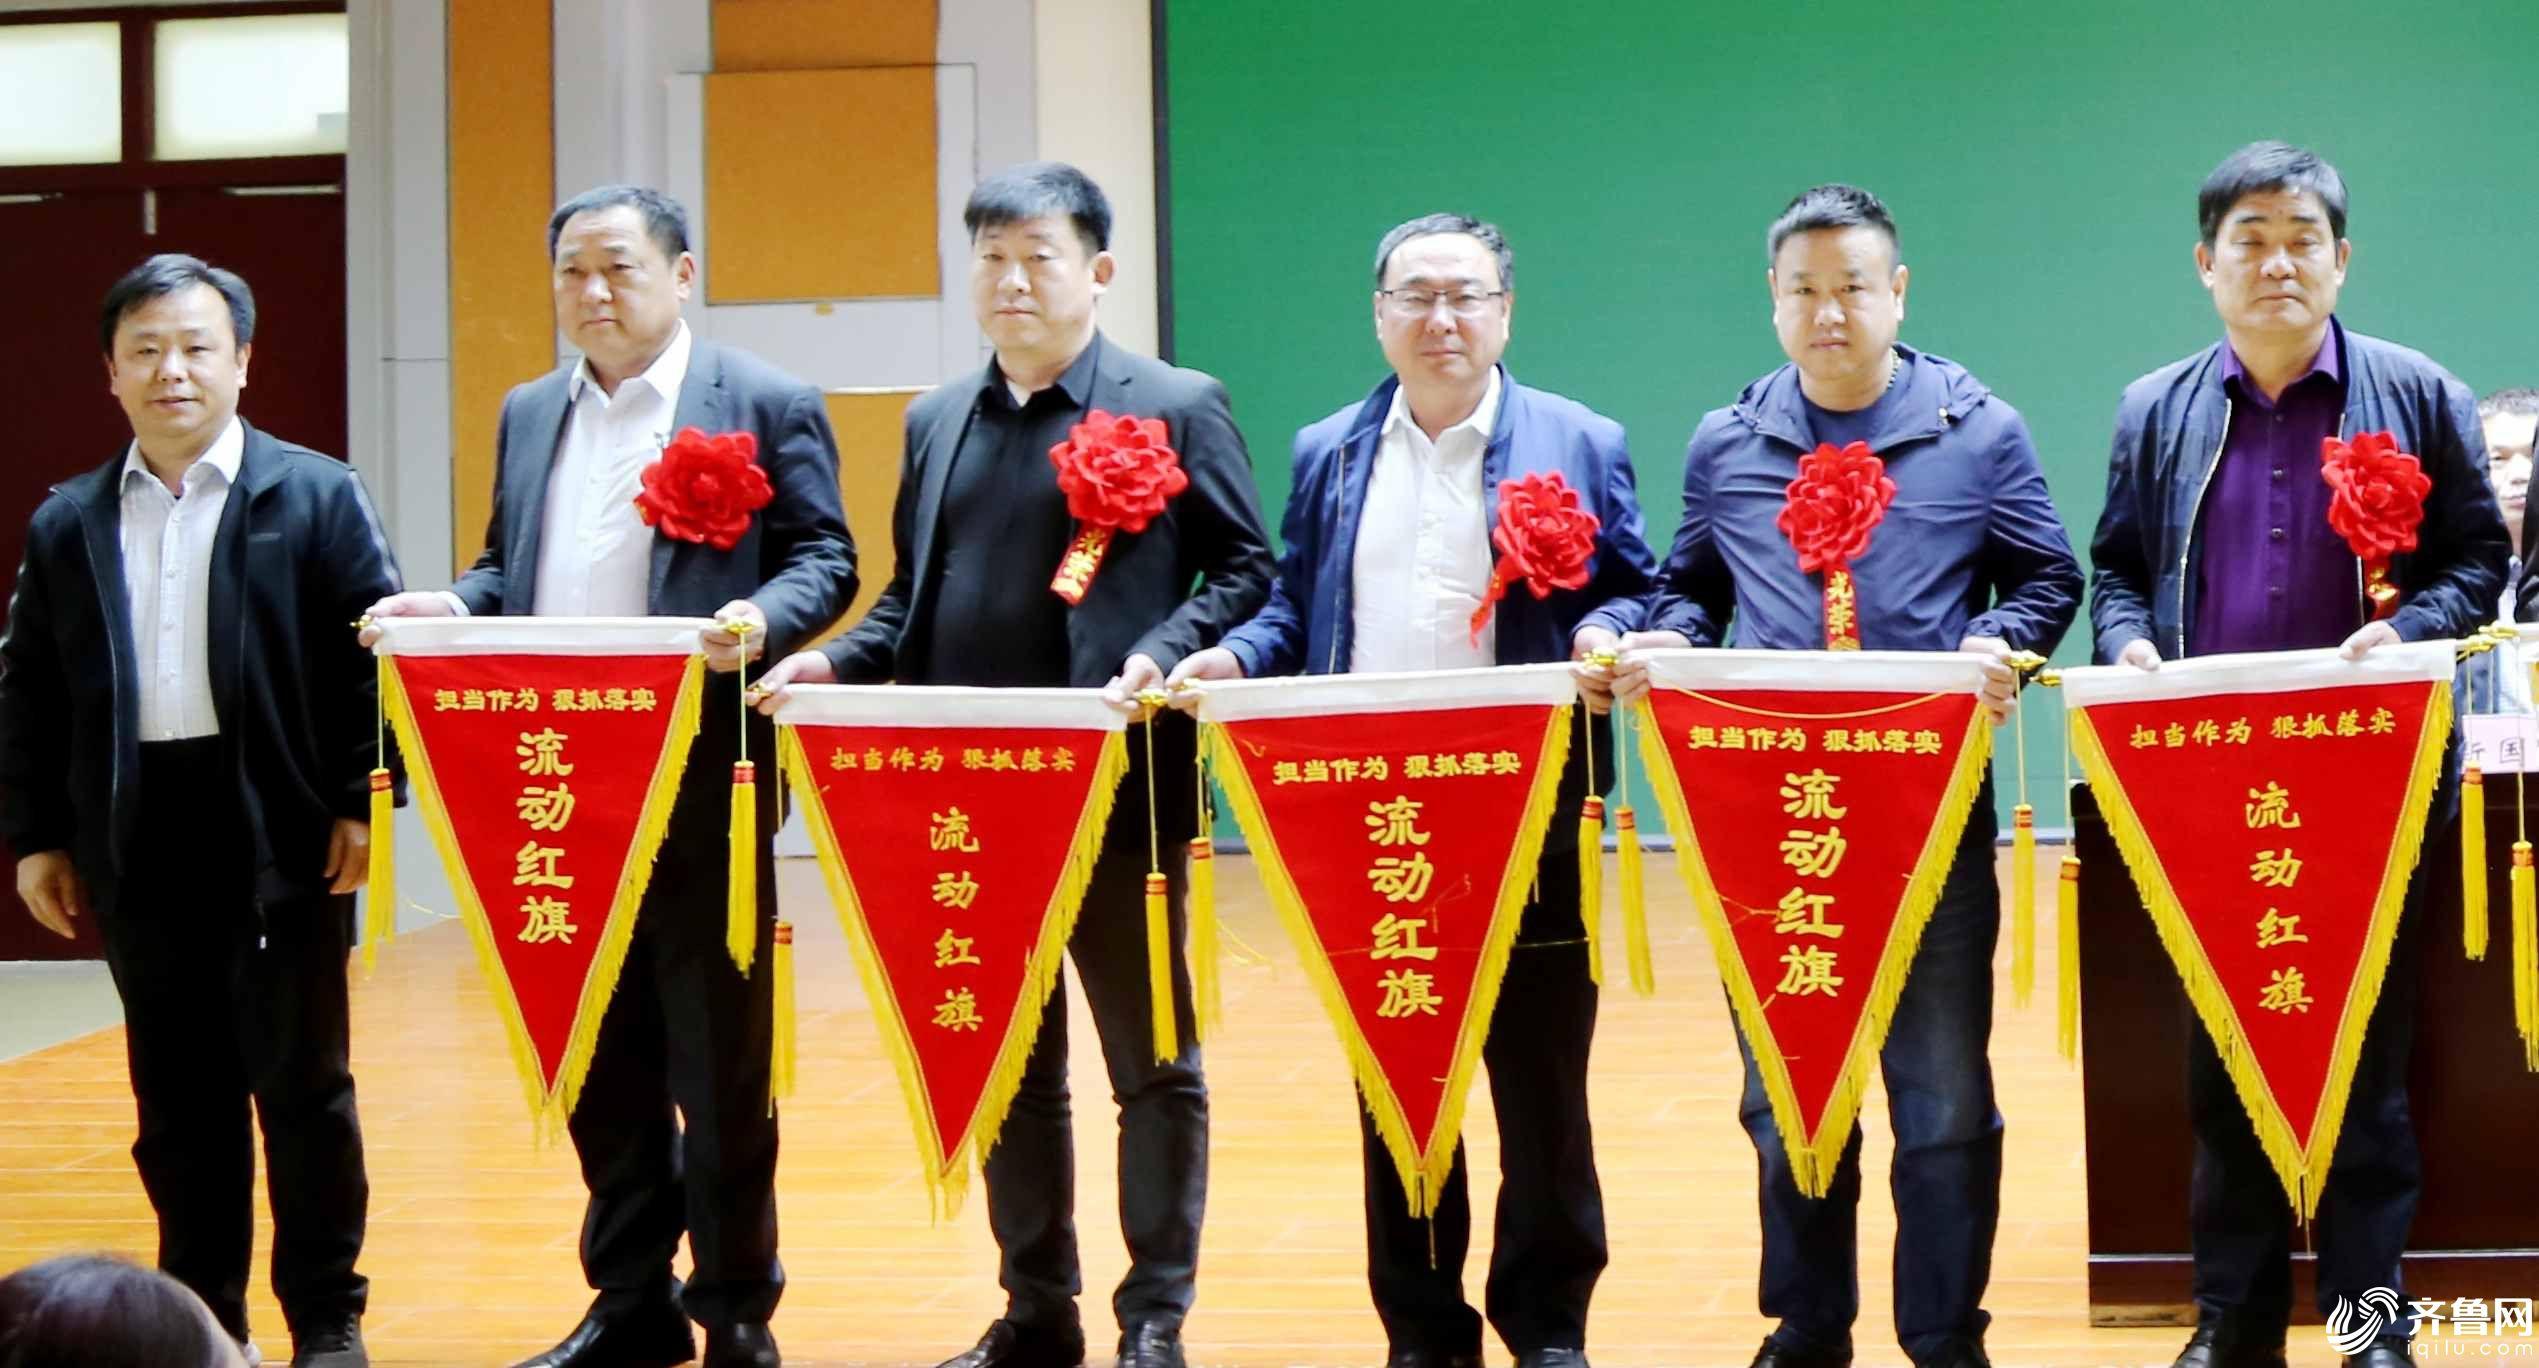 在市东街道组织开展的观摩述职展示评议活动中,毕新军(右一)等党支部书记上台领流动红旗。